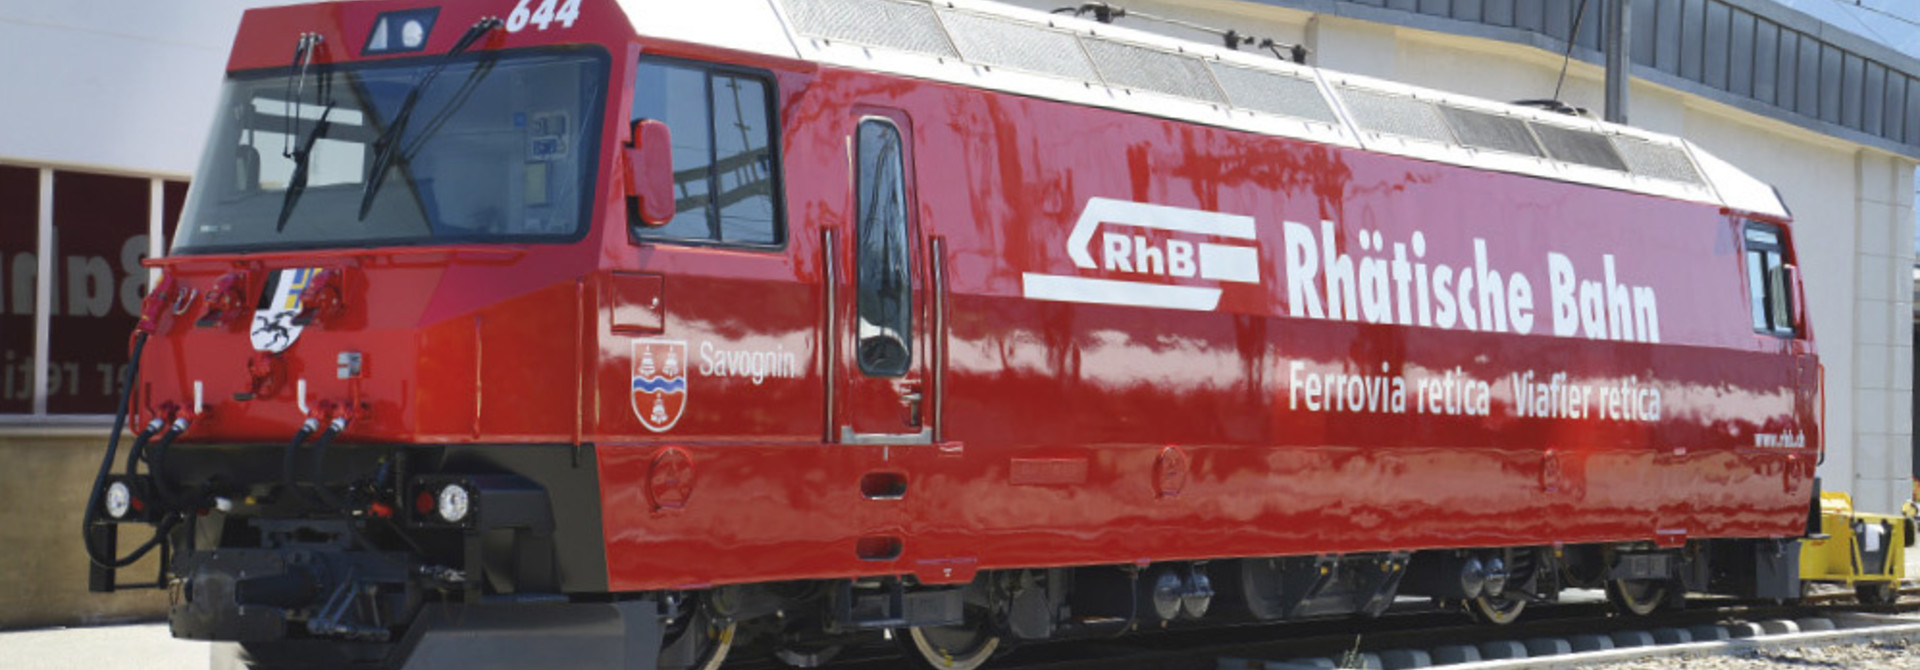 """1459174 RhB Ge 4/4 III 644 """"Rhätische Bahn"""" H0 3L-WS mit LokSound M4"""